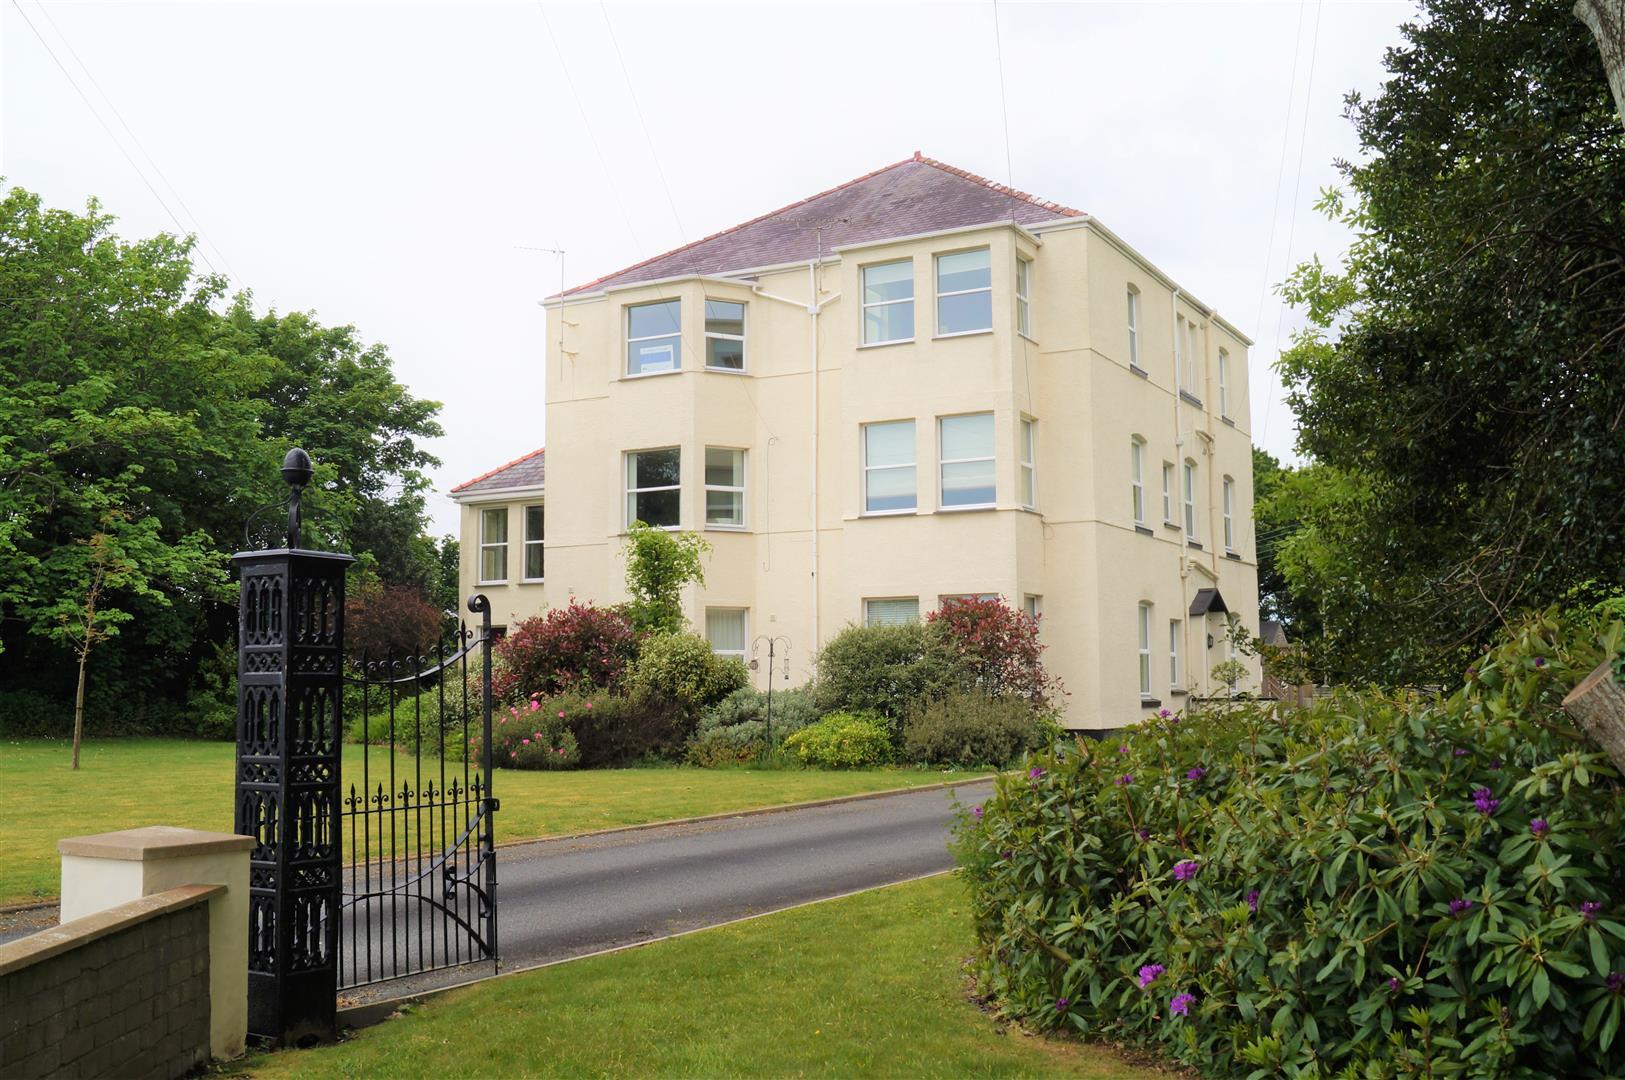 Ffordd Talcymerau, Pwllheli - £134,950/Reduced to